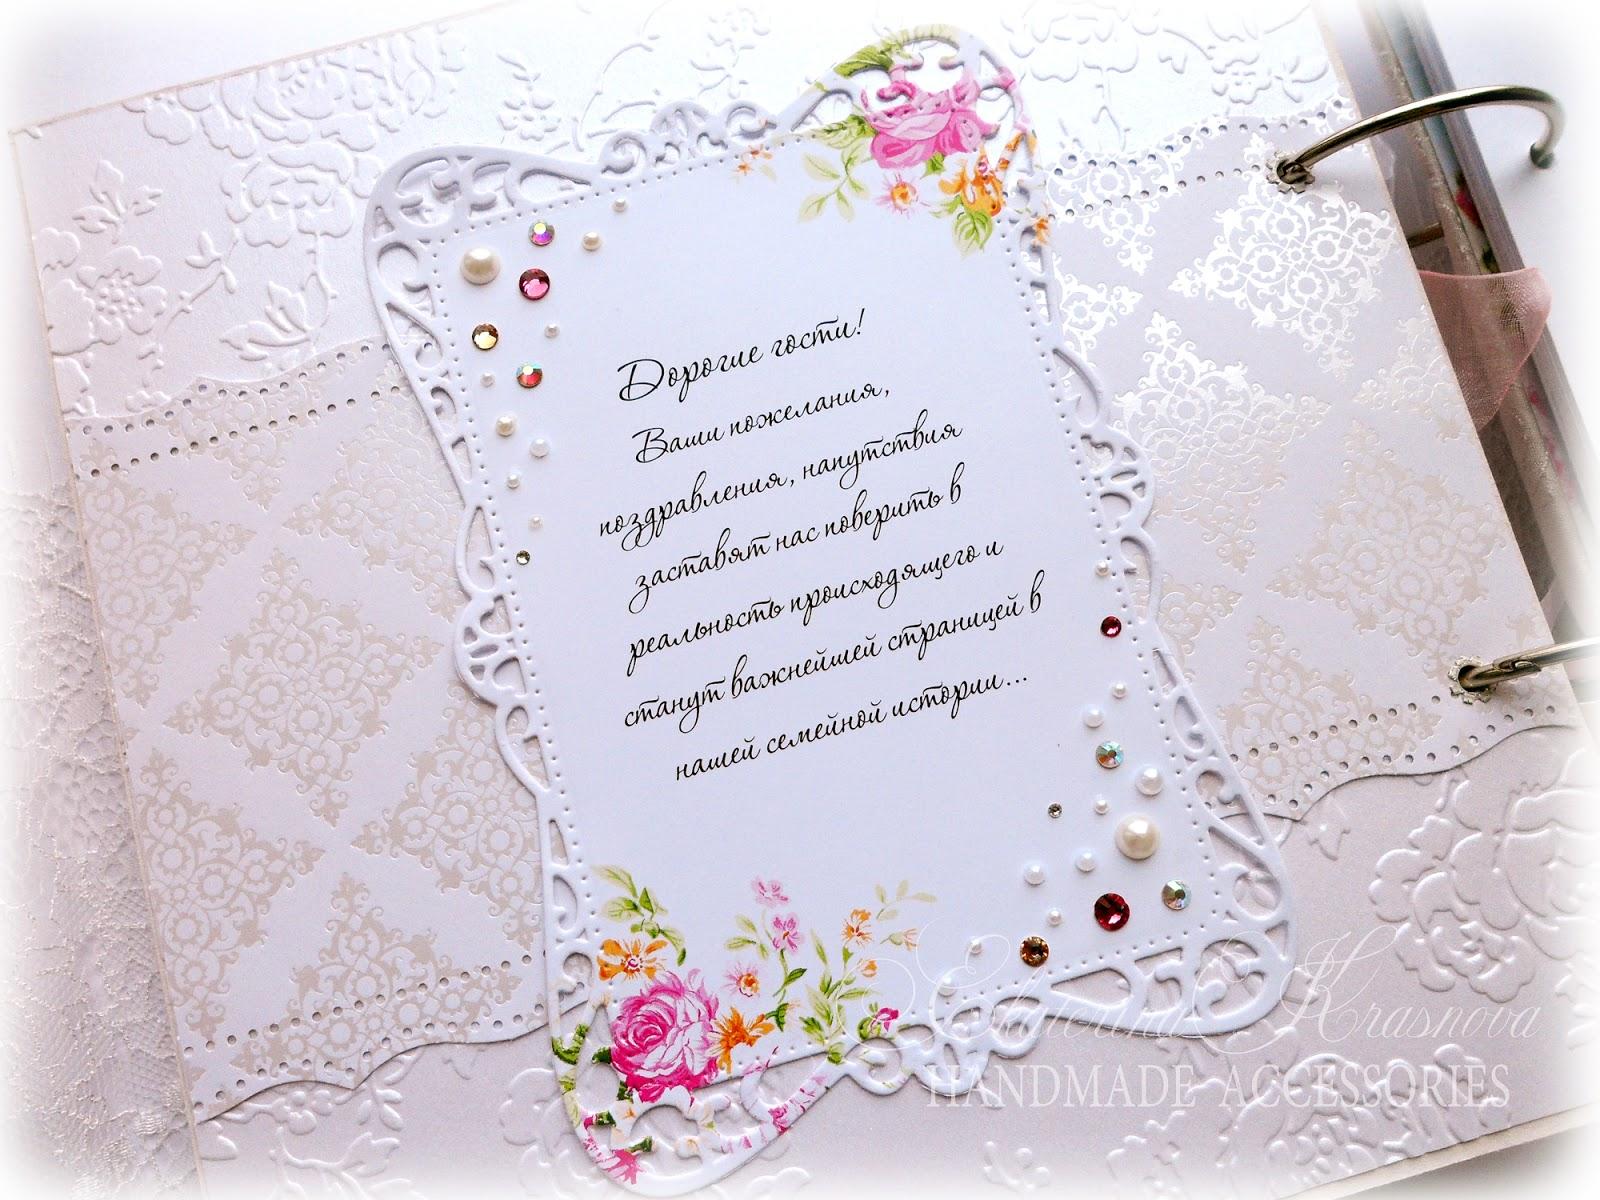 Прикольные поздравления со свадьбой молодоженам 69